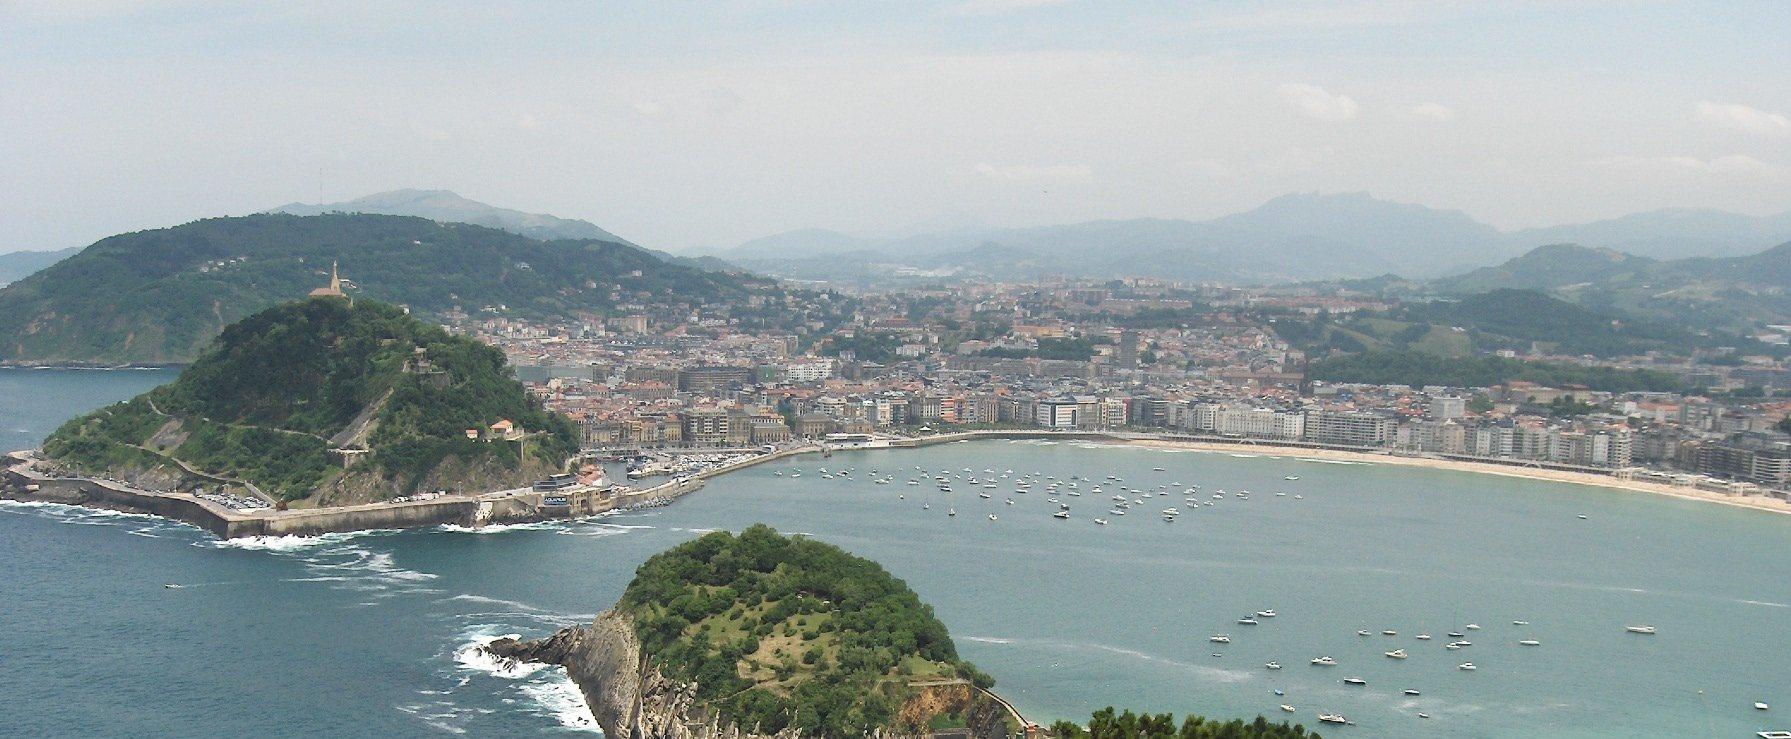 San sebastian basque country city travel guide cellartours - San sebastian tourist office ...